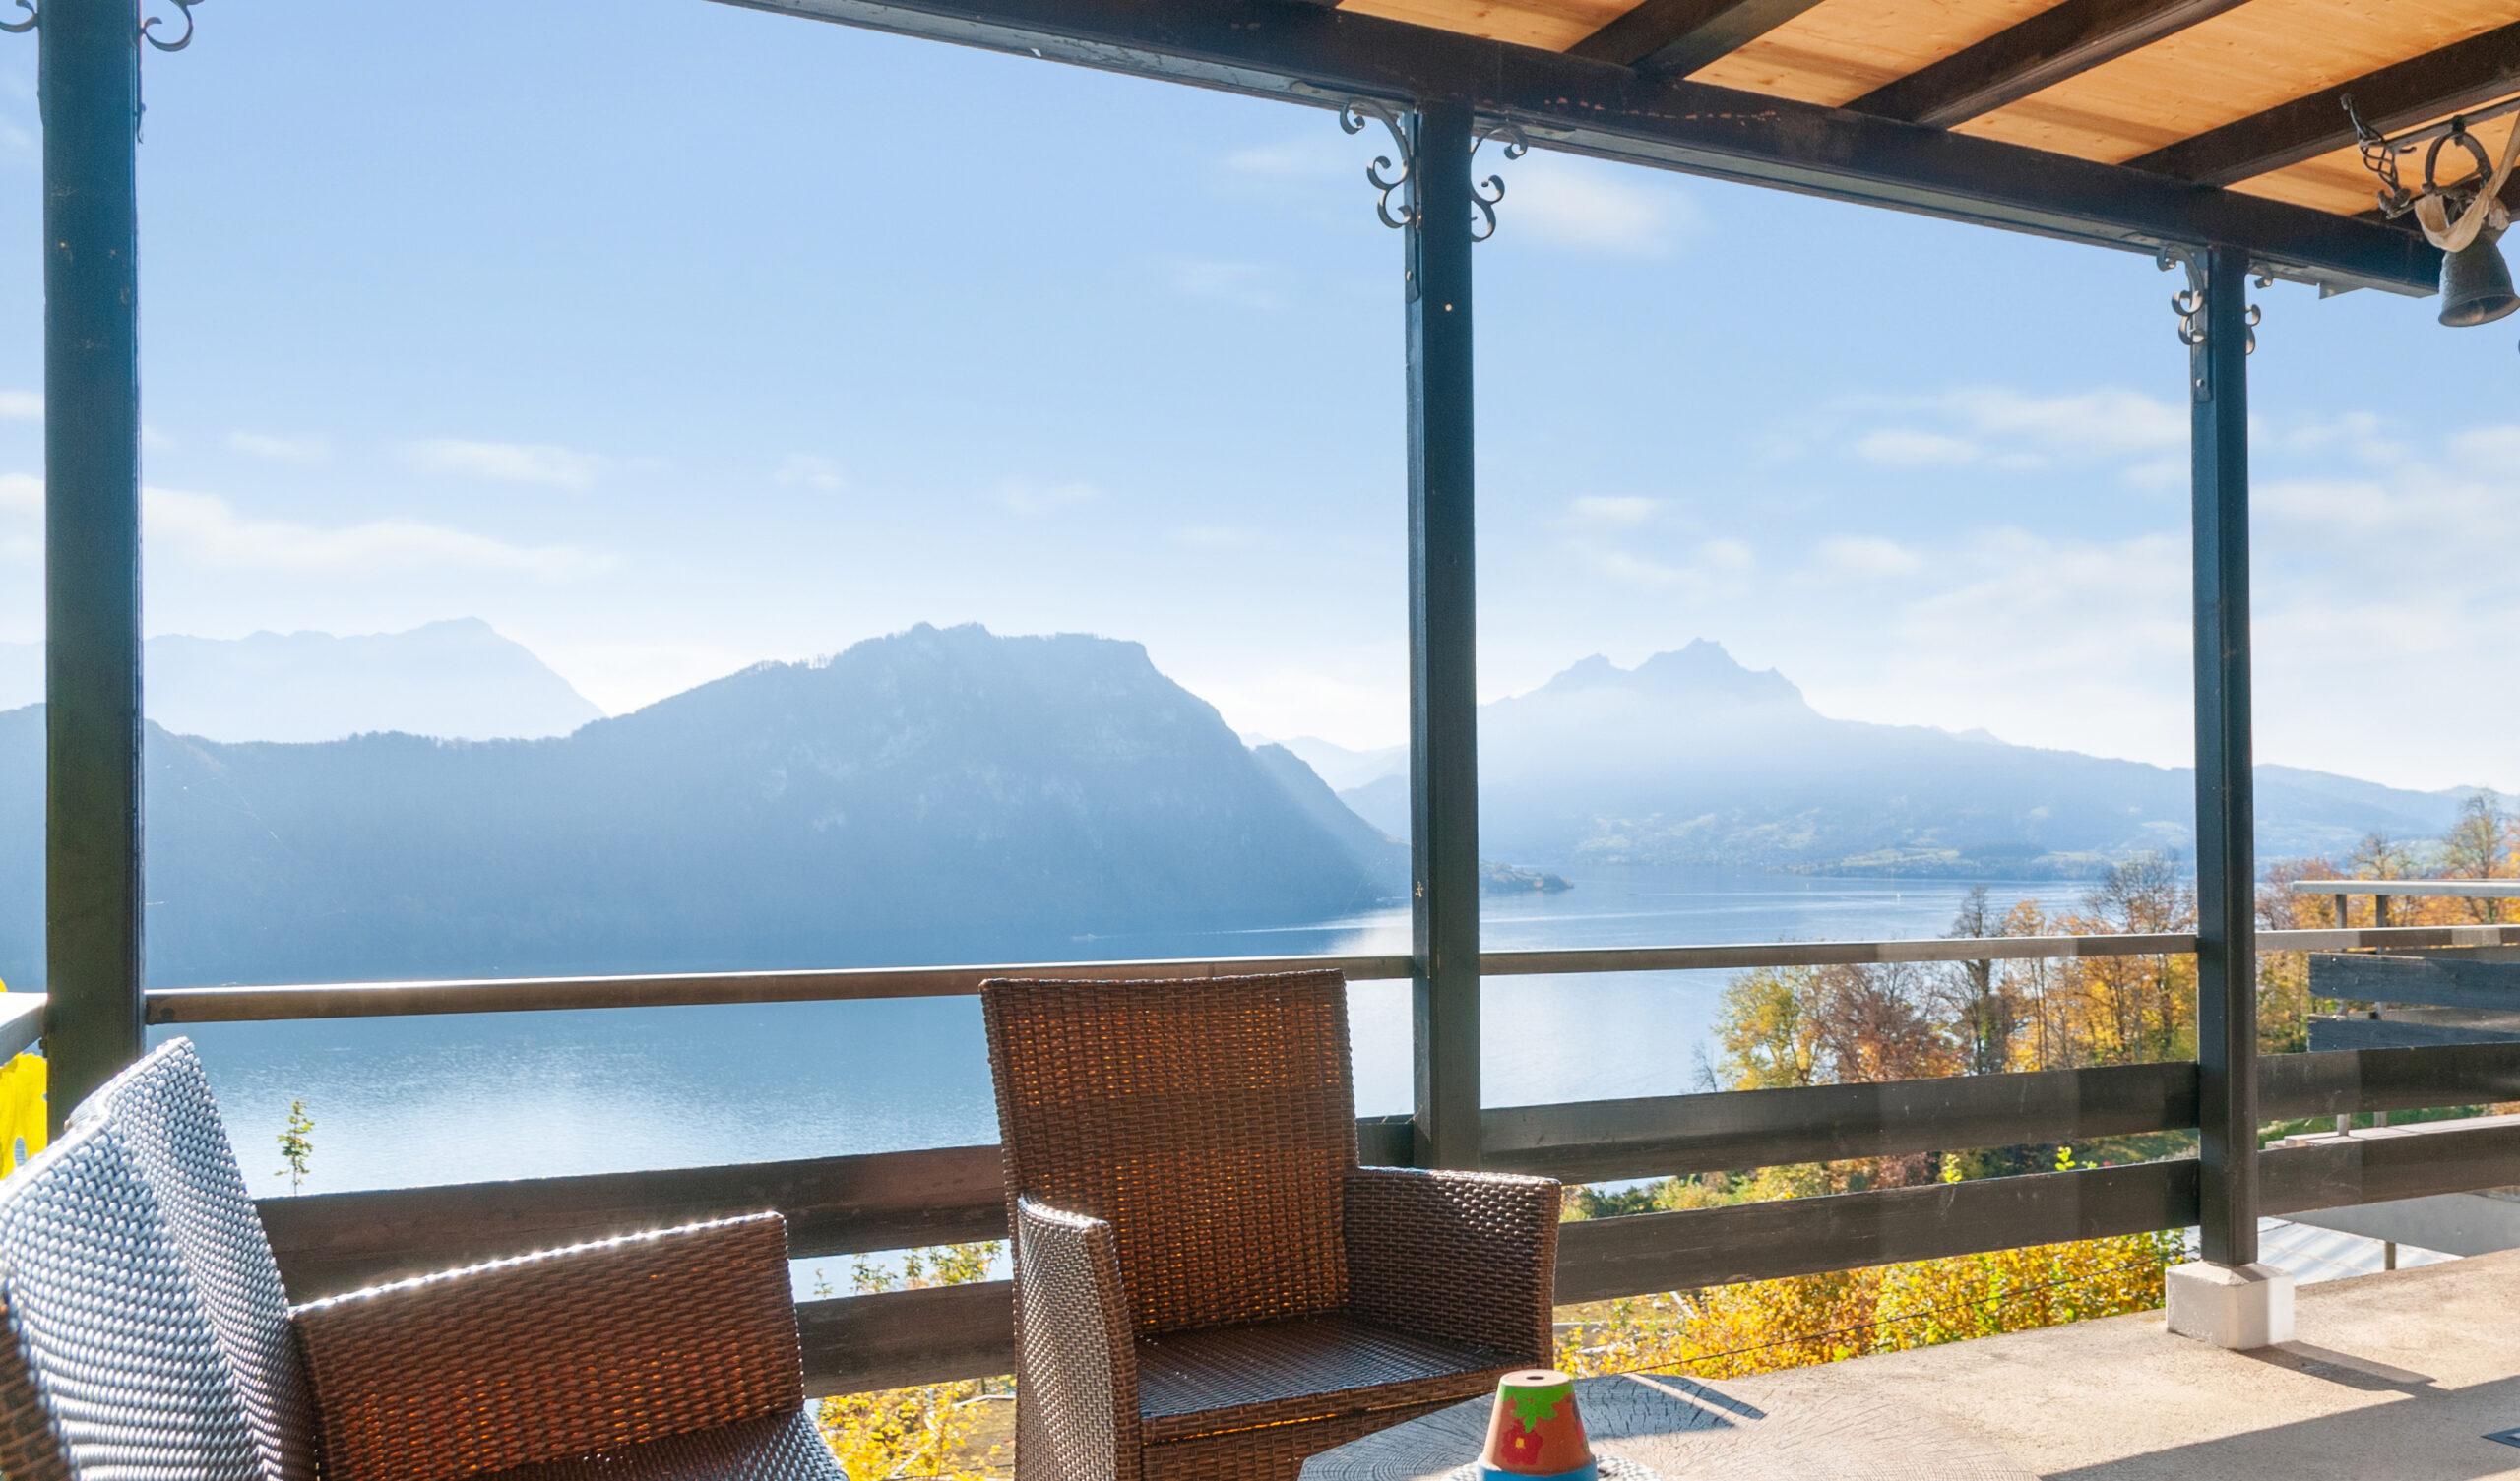 Gemütliches Chalet mit fantastischer See- und Bergsicht